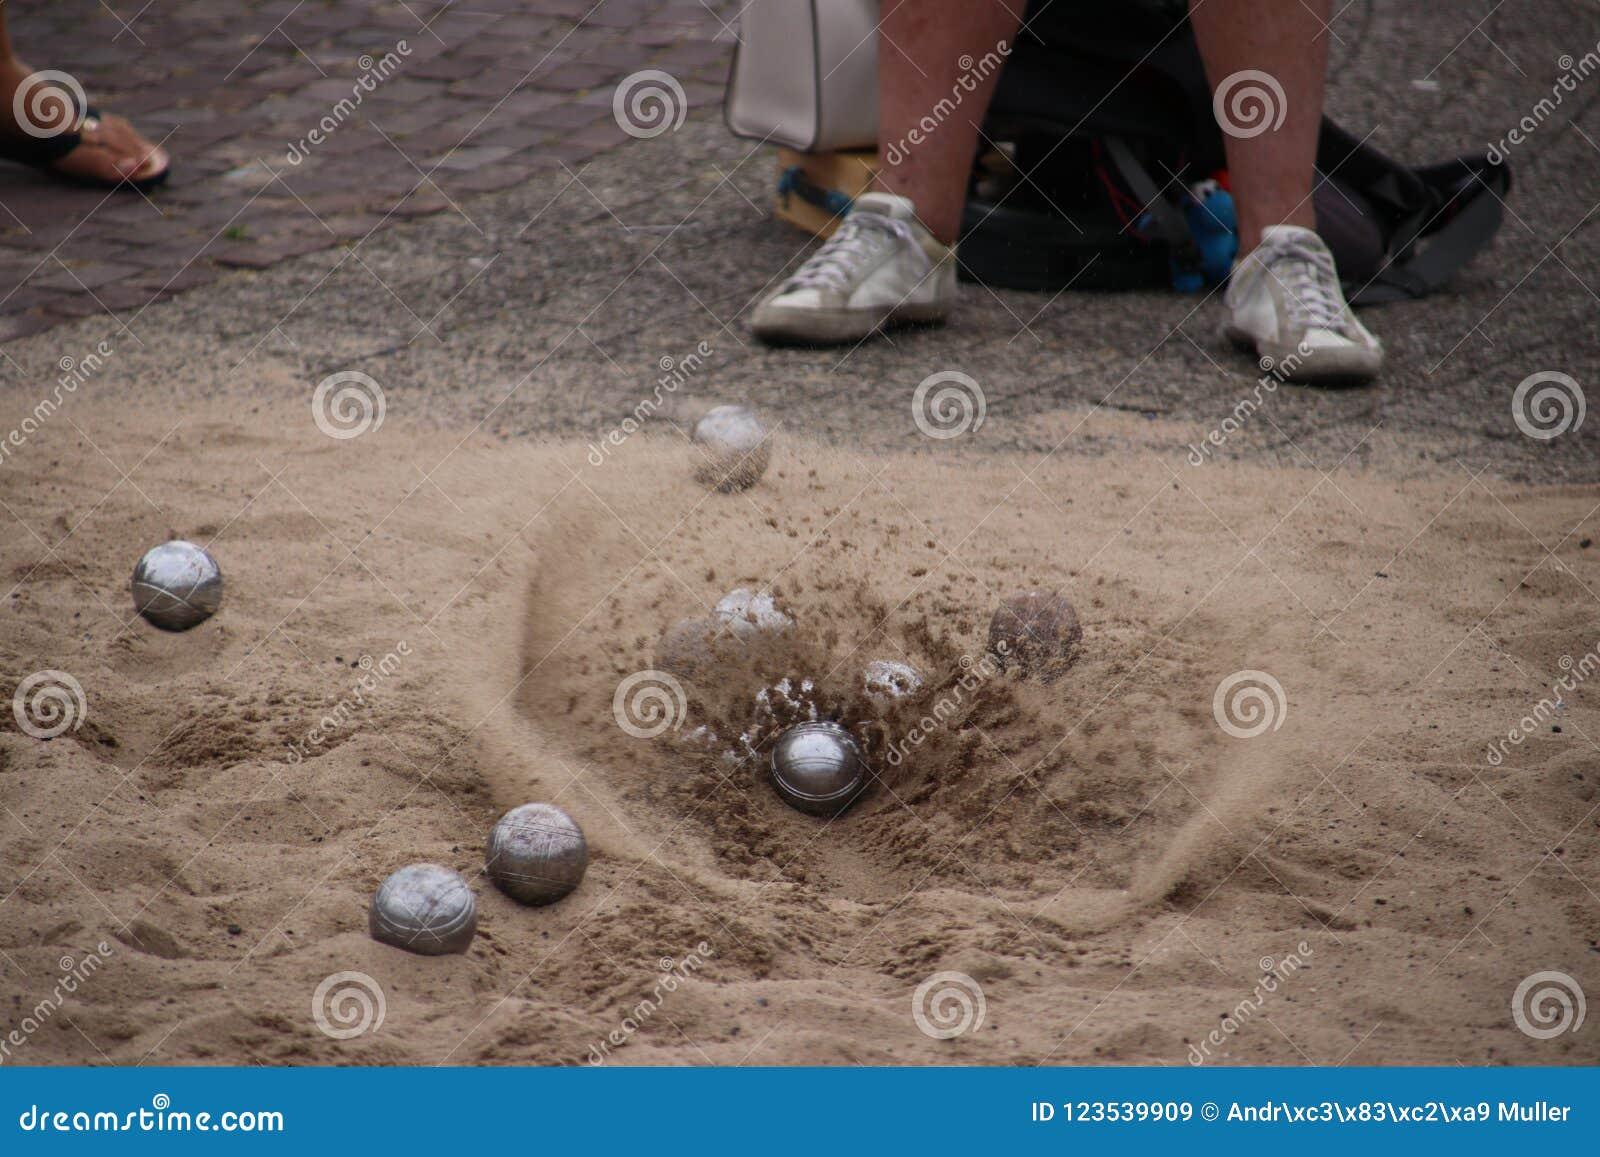 Sand flyger bort, när bollen skulle landa på jordningen under boulesleken